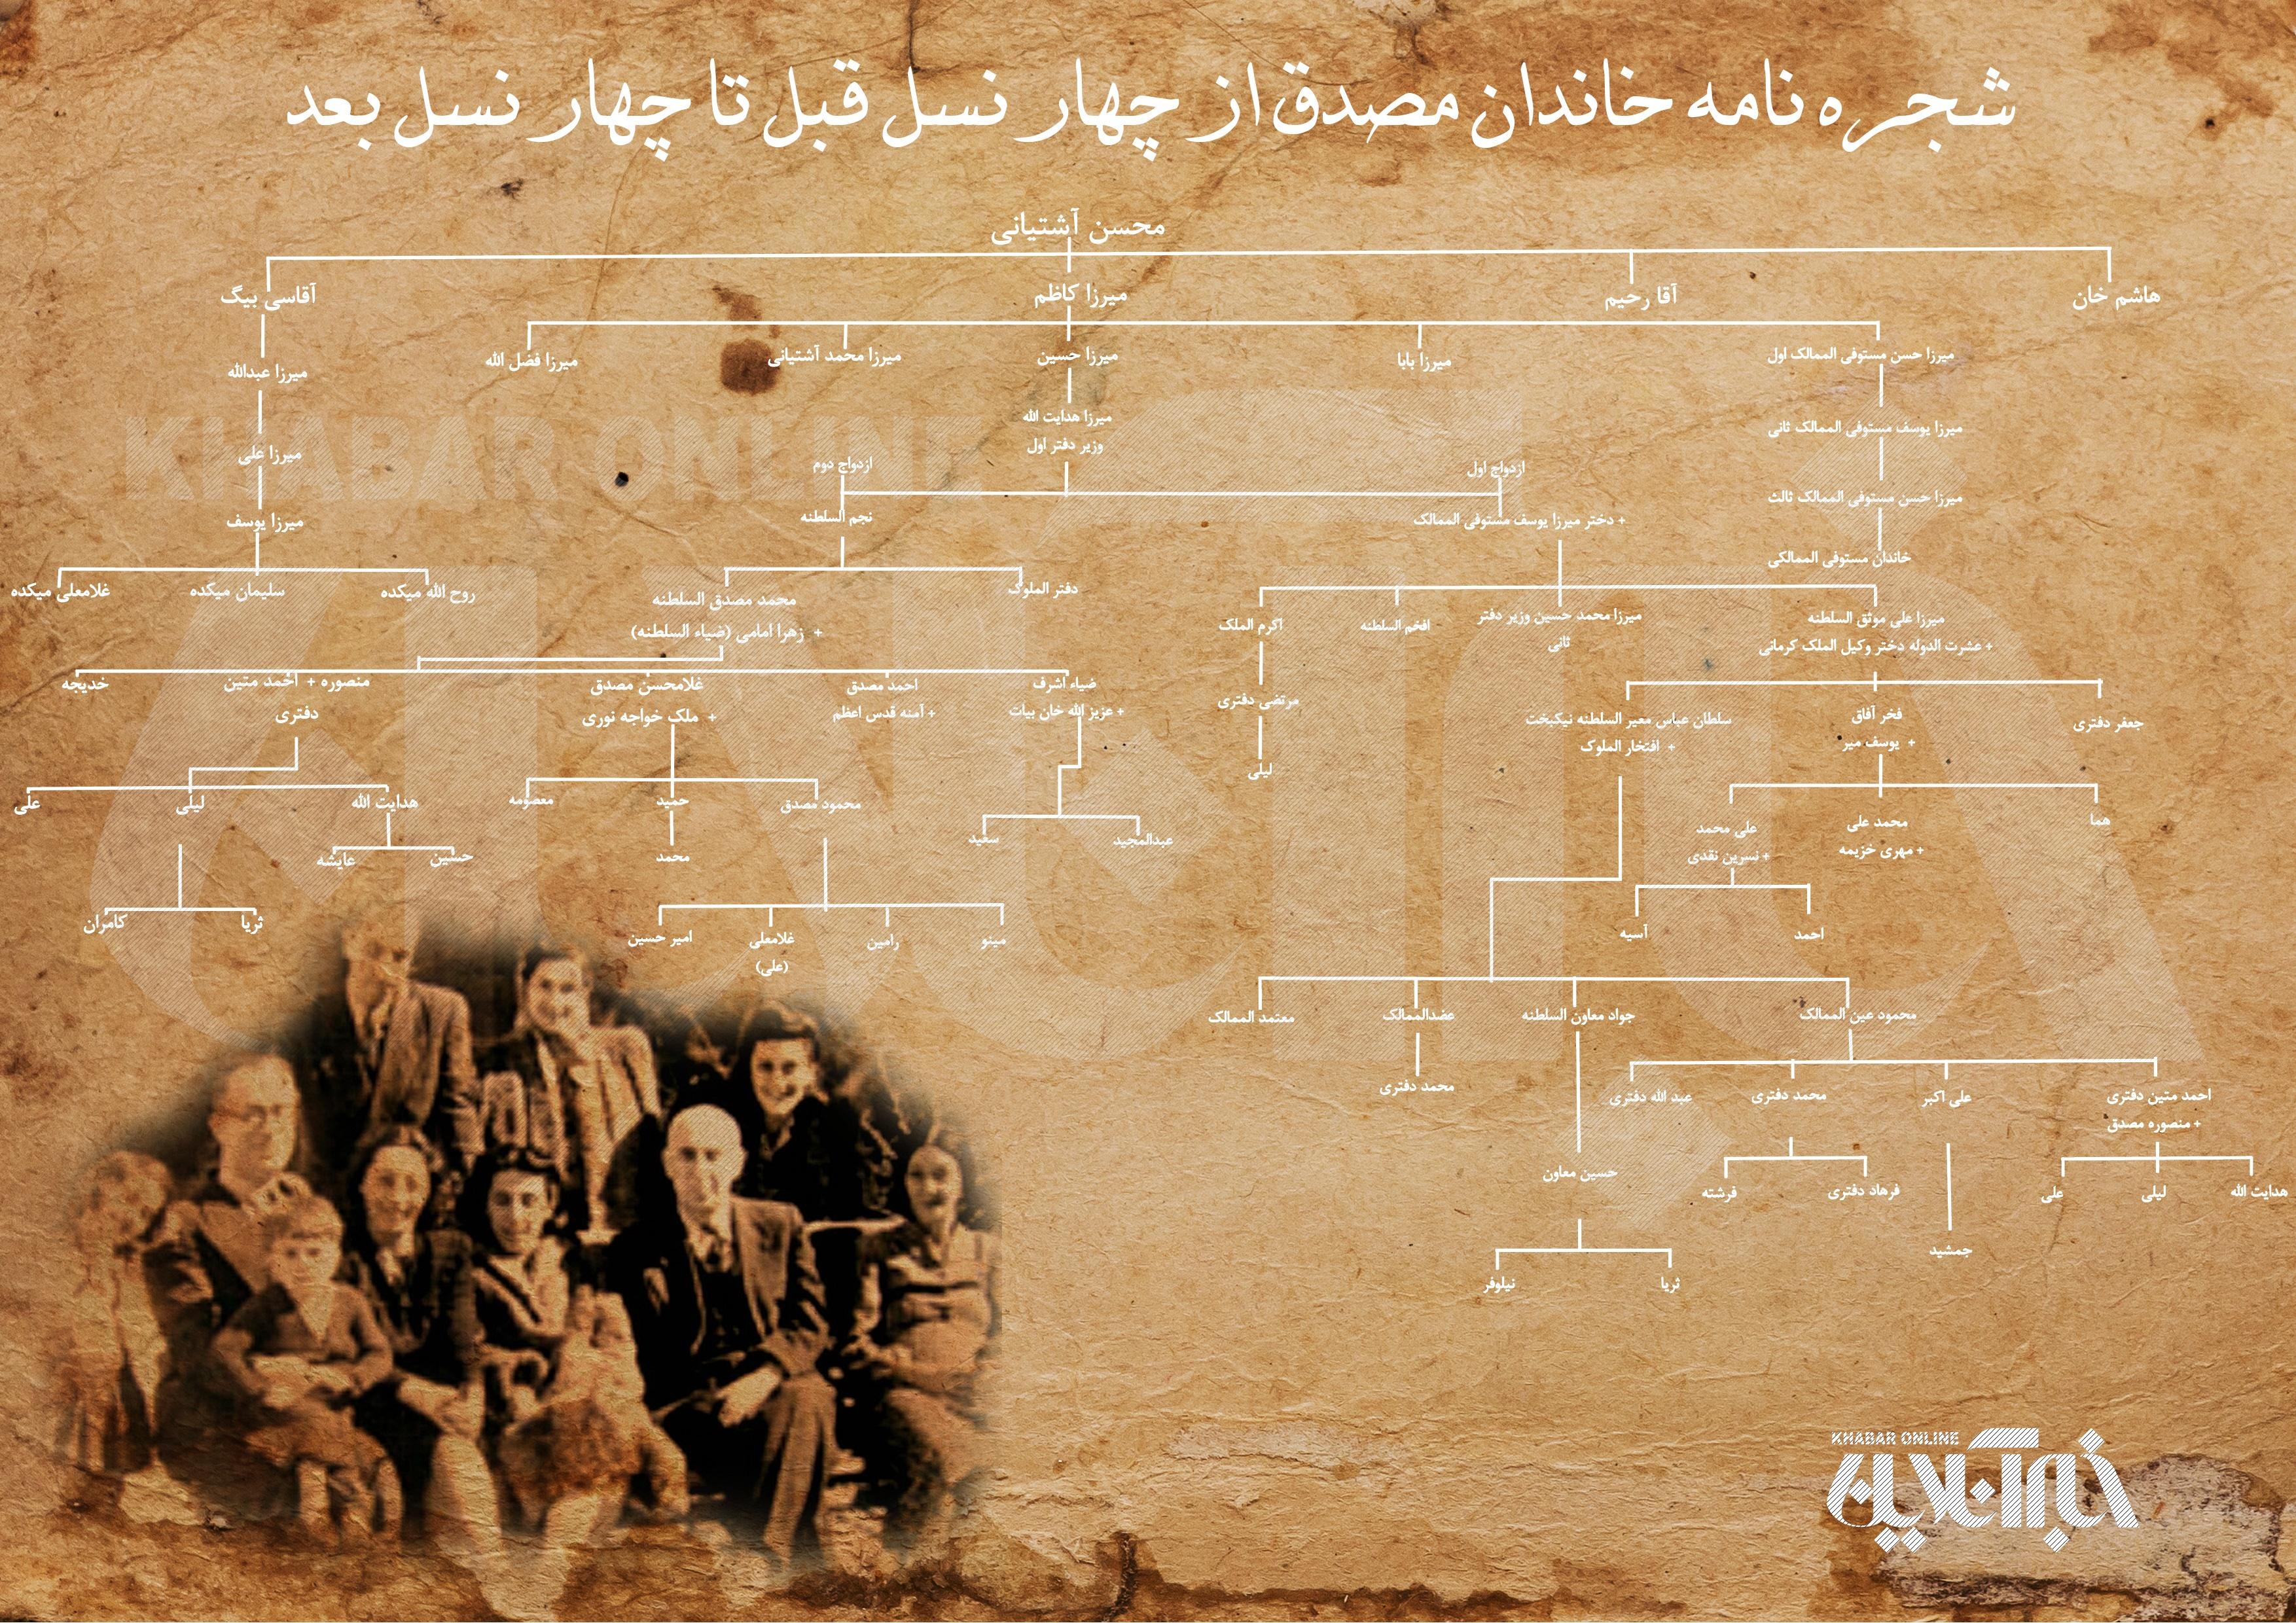 کودتای 28 مرداد,محمد مصدق